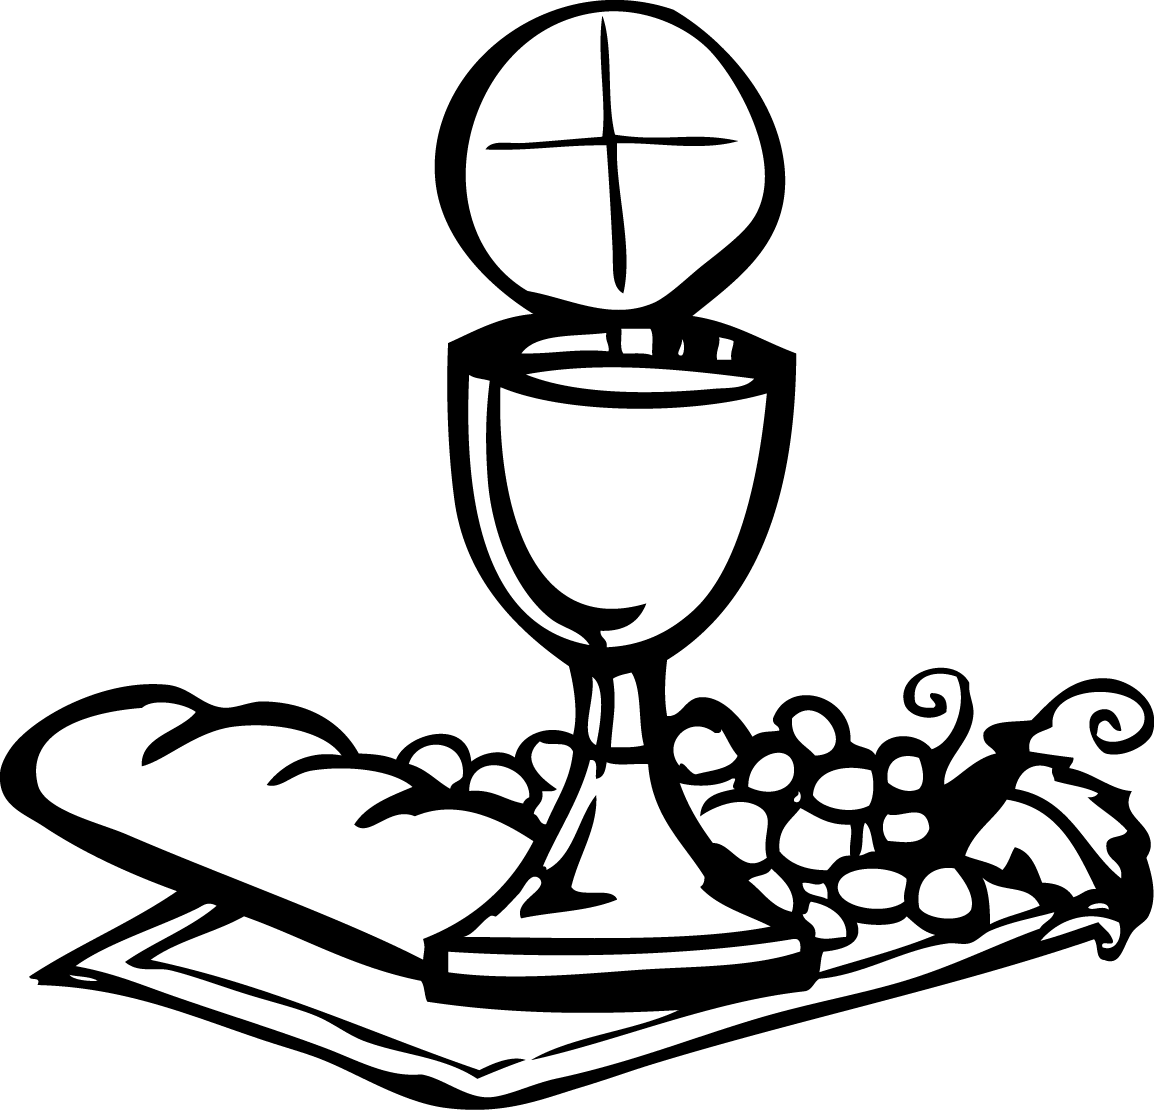 Uncategorized Communion Coloring Pages communion sacraments coloring pages home holy clipart best